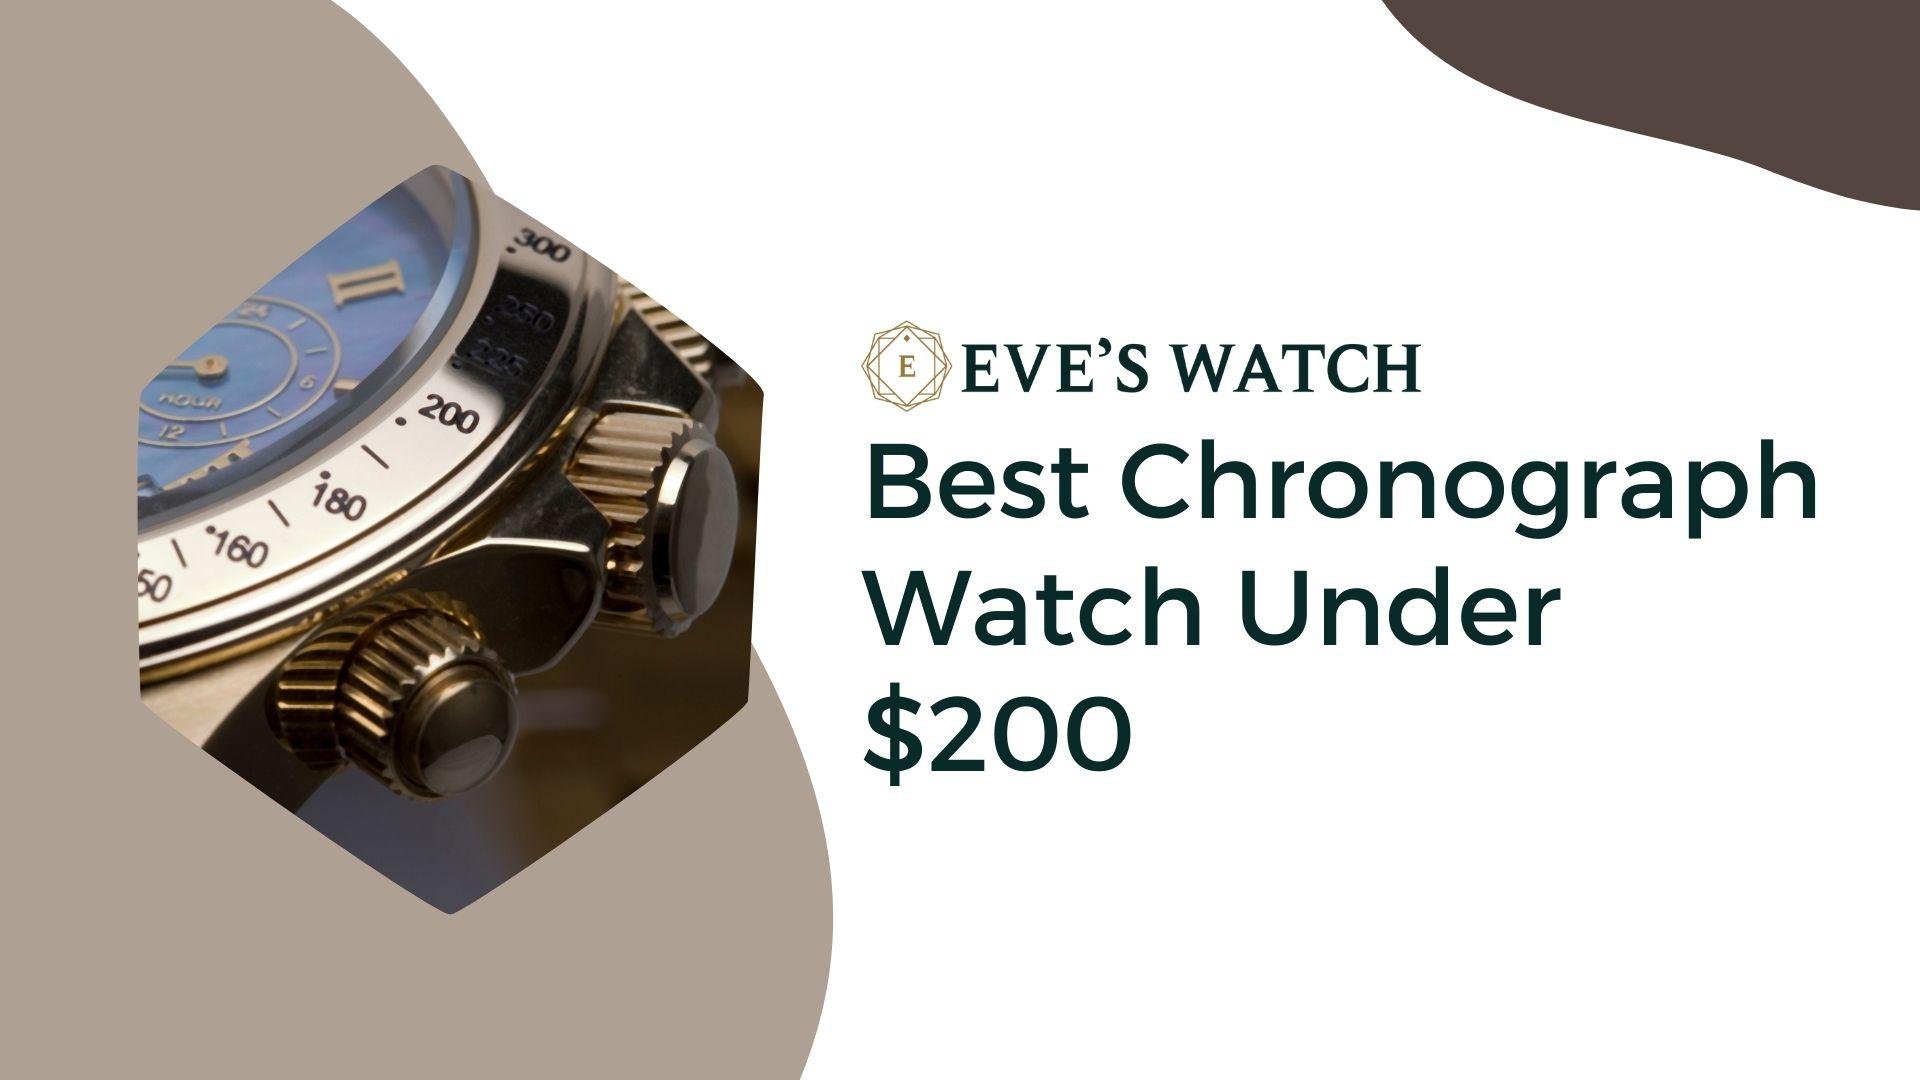 EW-best-chronograp-watch-under-200